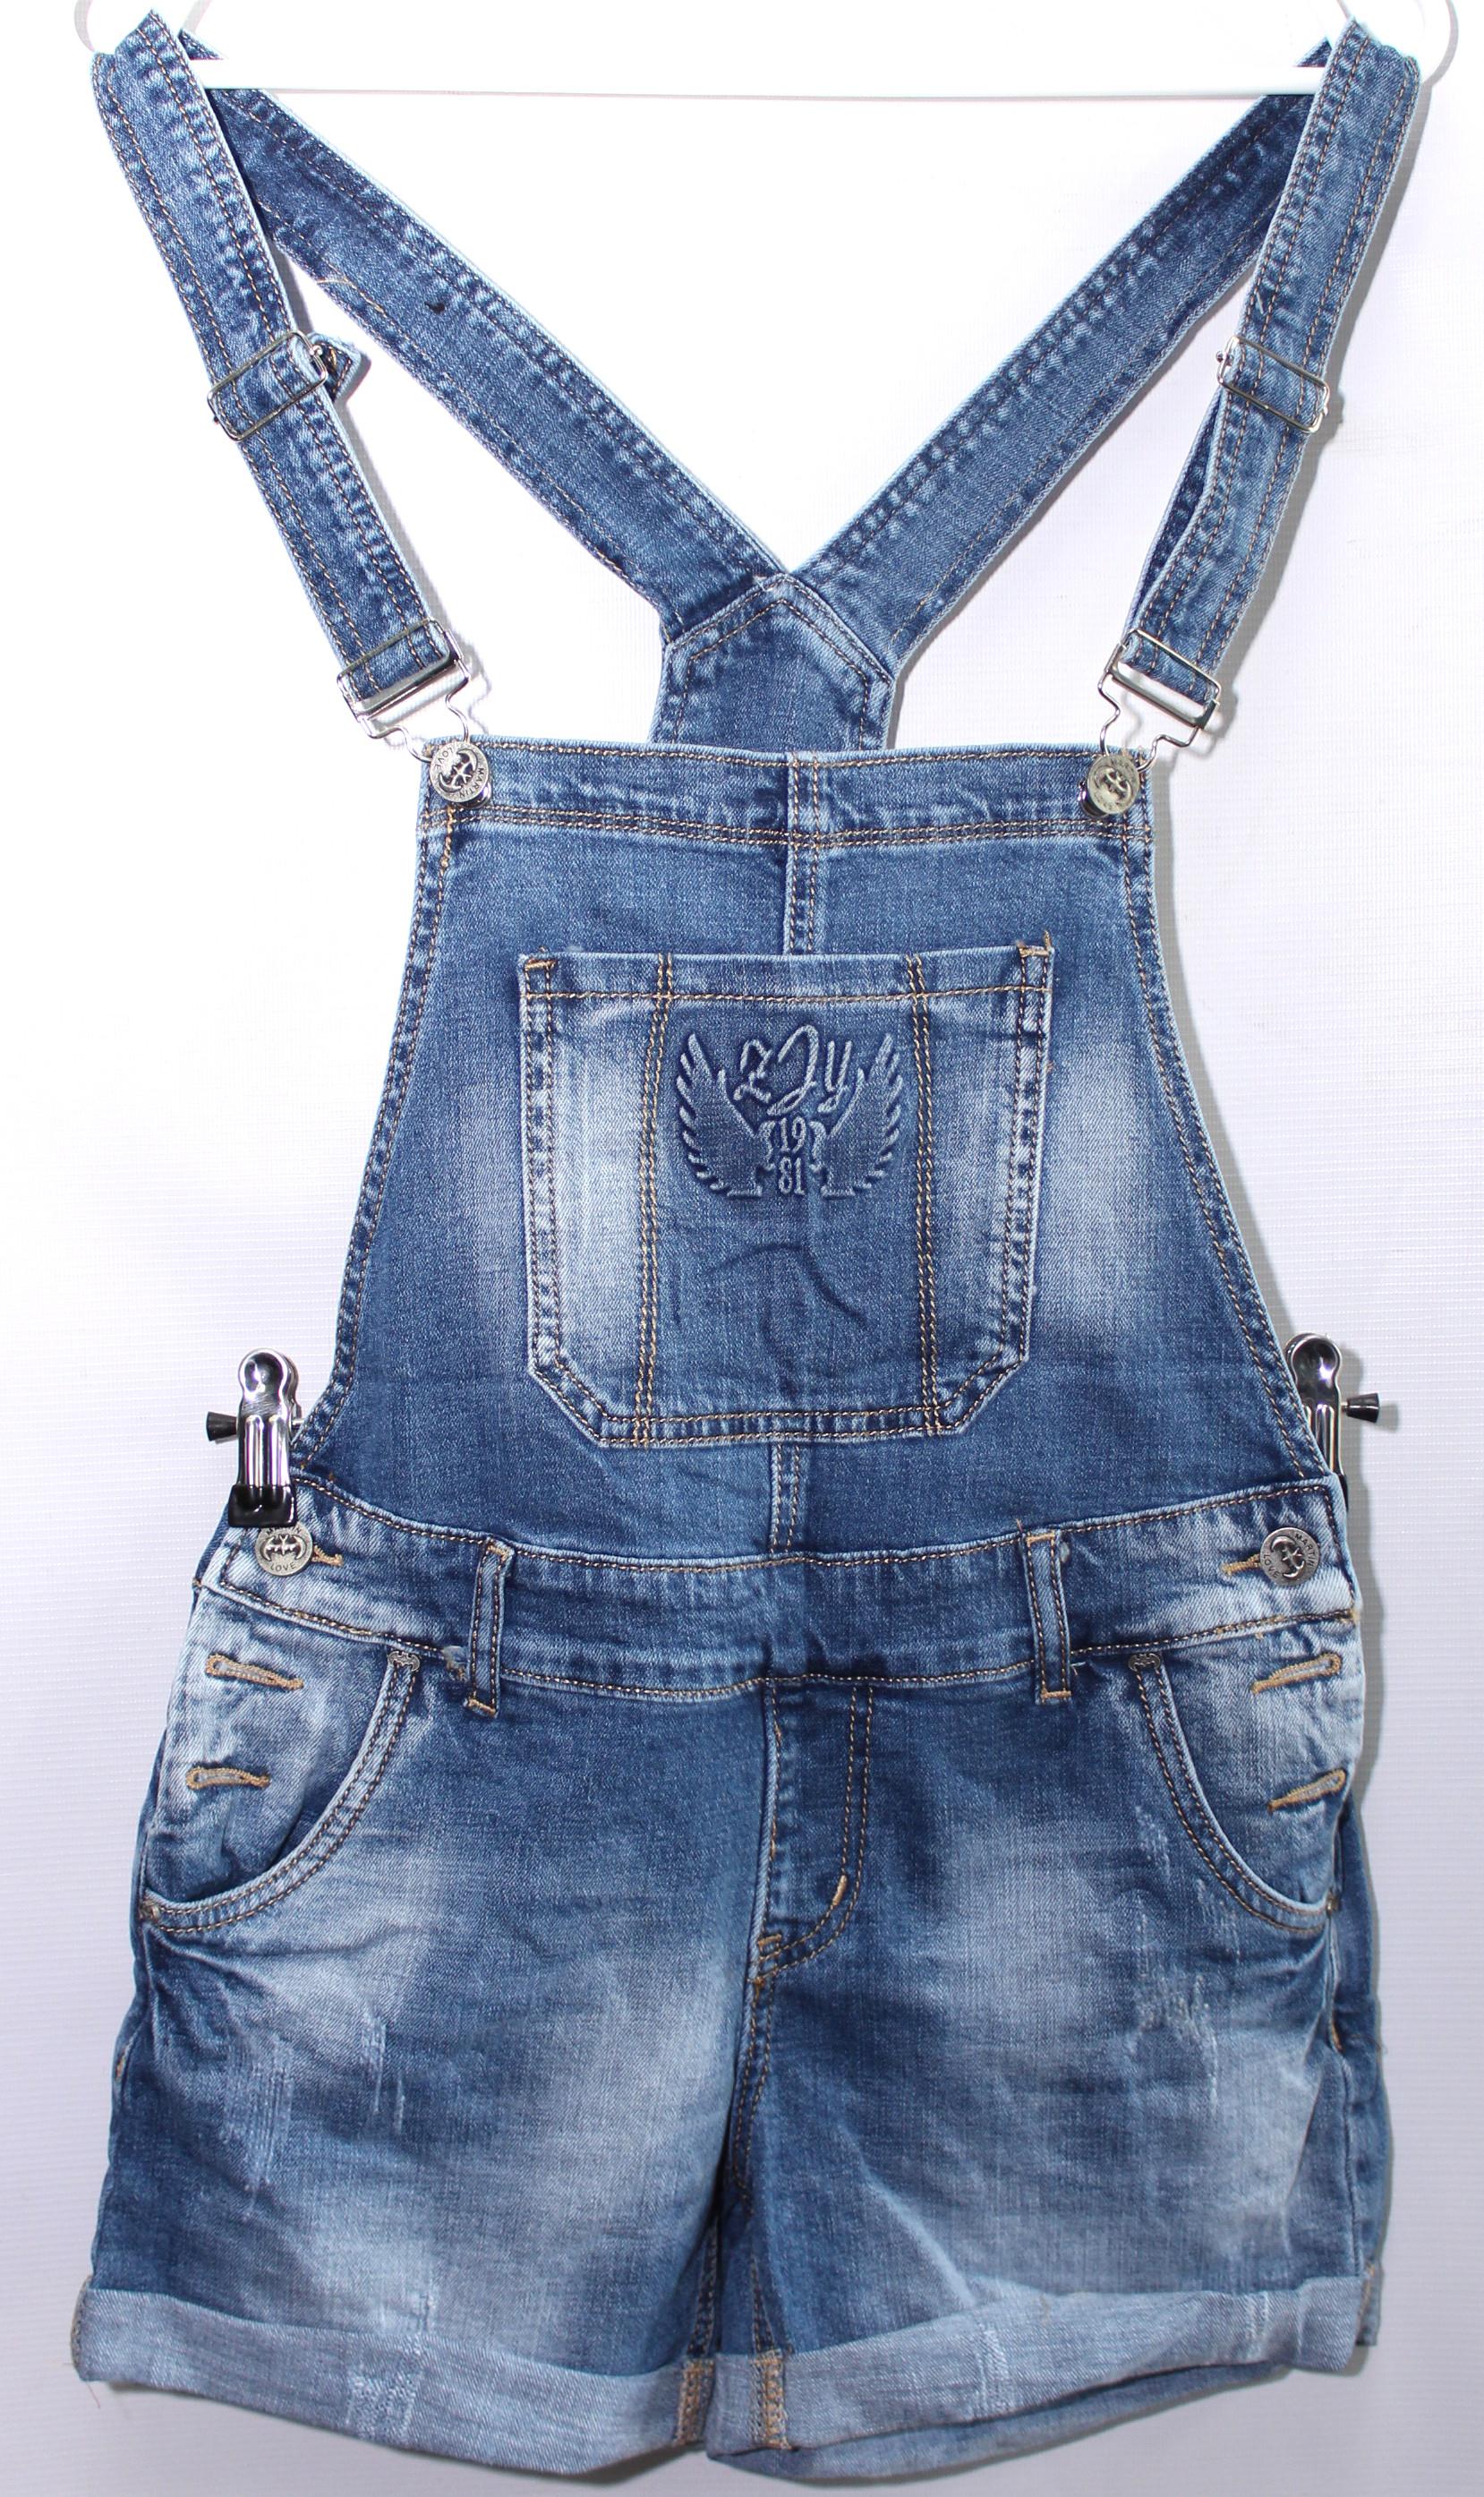 Комбинезоны джинсовые женские ZJY  оптом 23609845 068-29